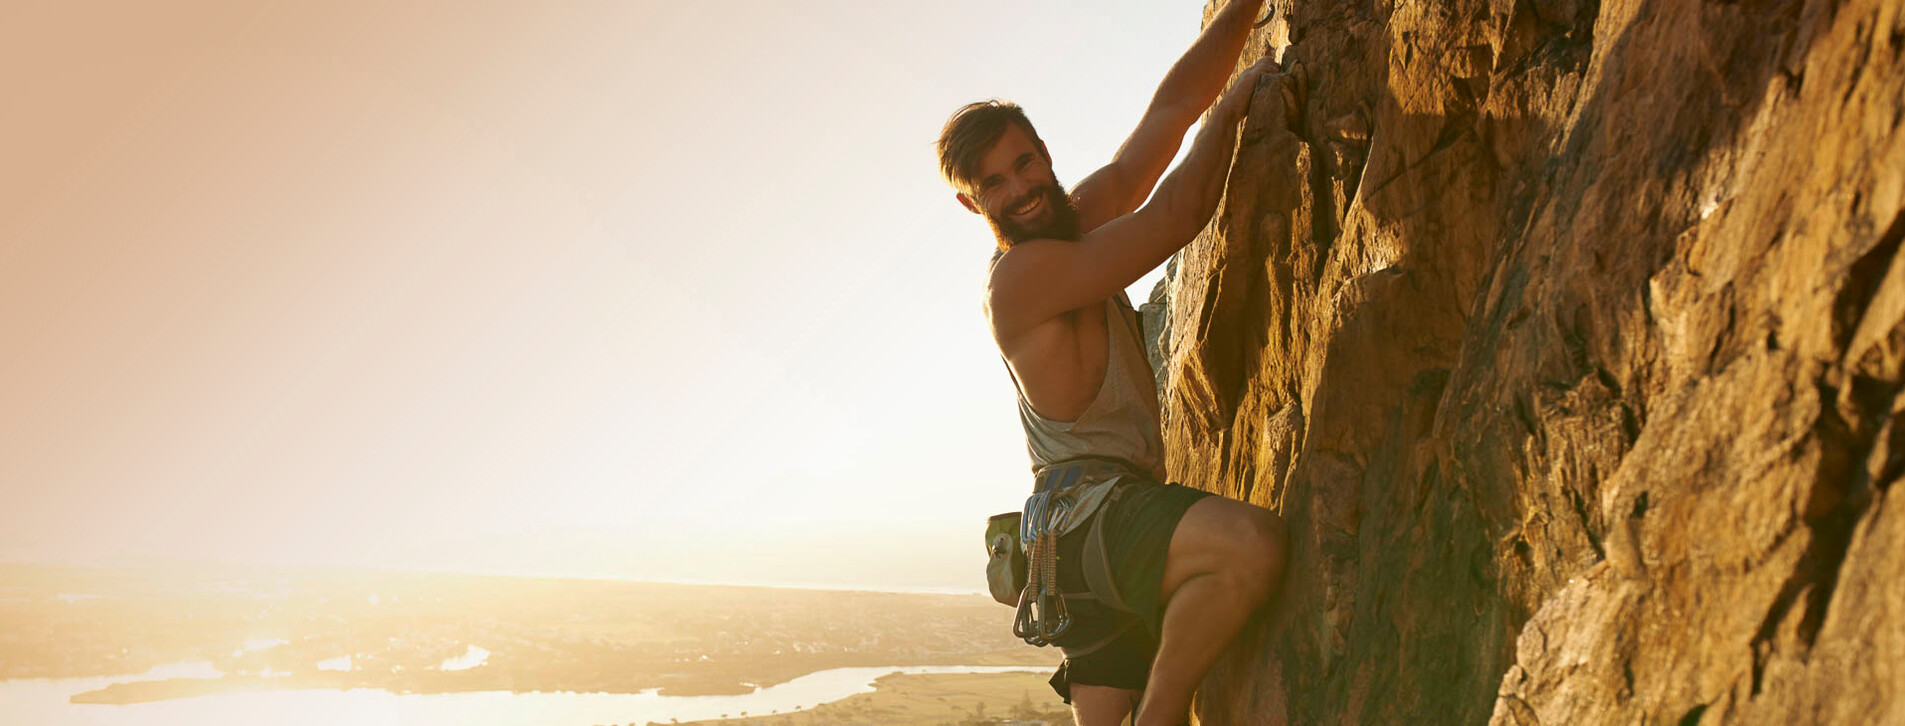 Fotoğraf - Kaya Tırmanış Eğitimi